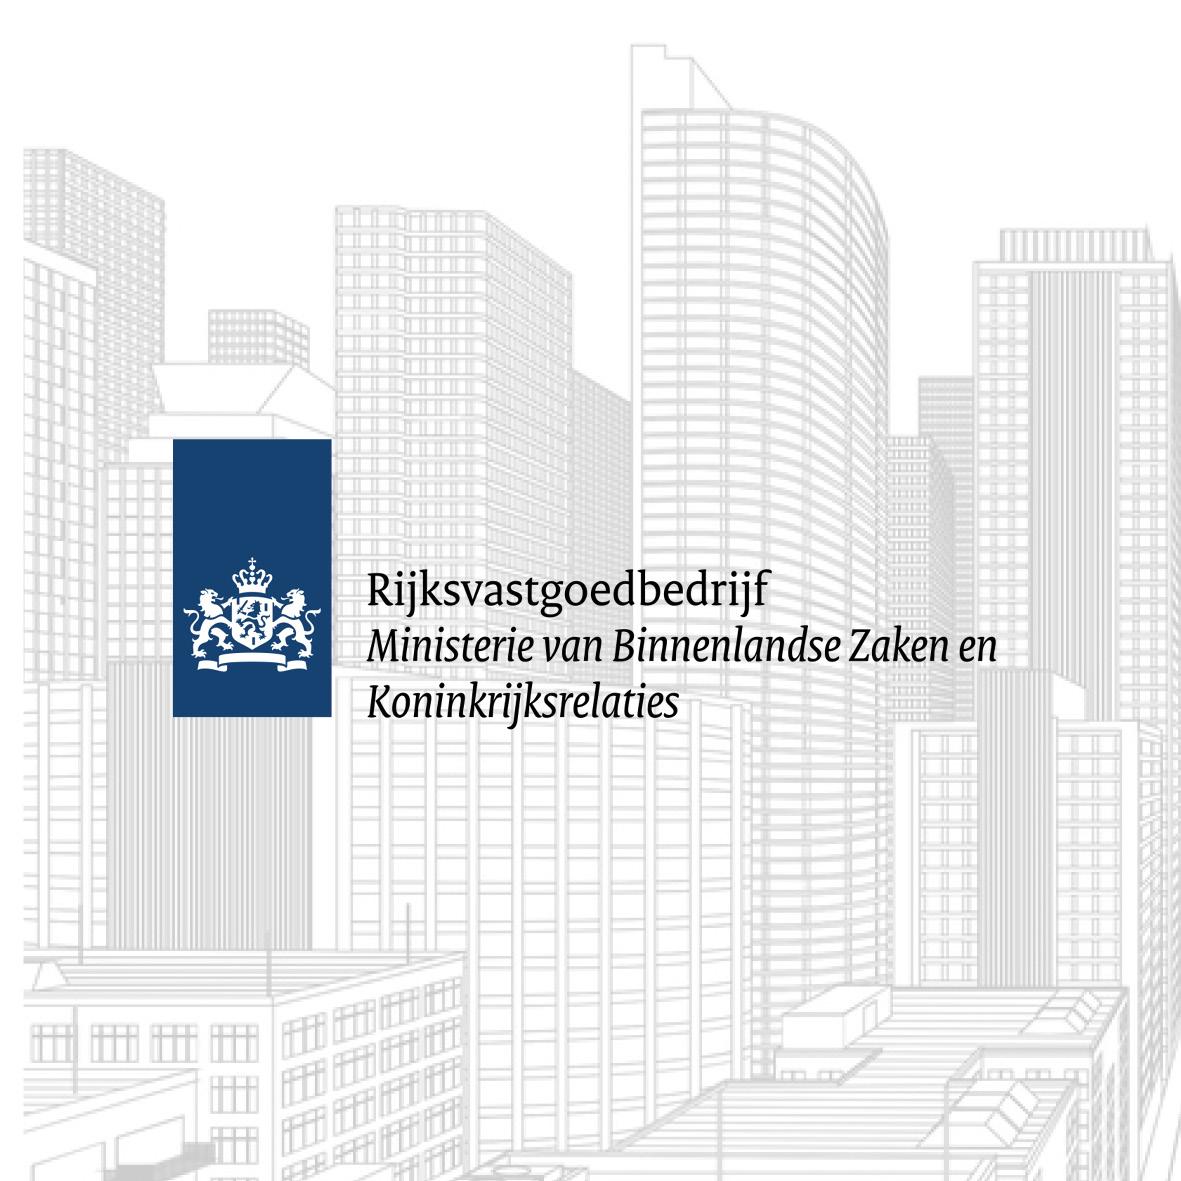 Rijksvastgoedbedrijf Ministerie Van Binnelandse Zaken En Koninkrijksrelaties Real Estate Club Este Groningen Sponsor